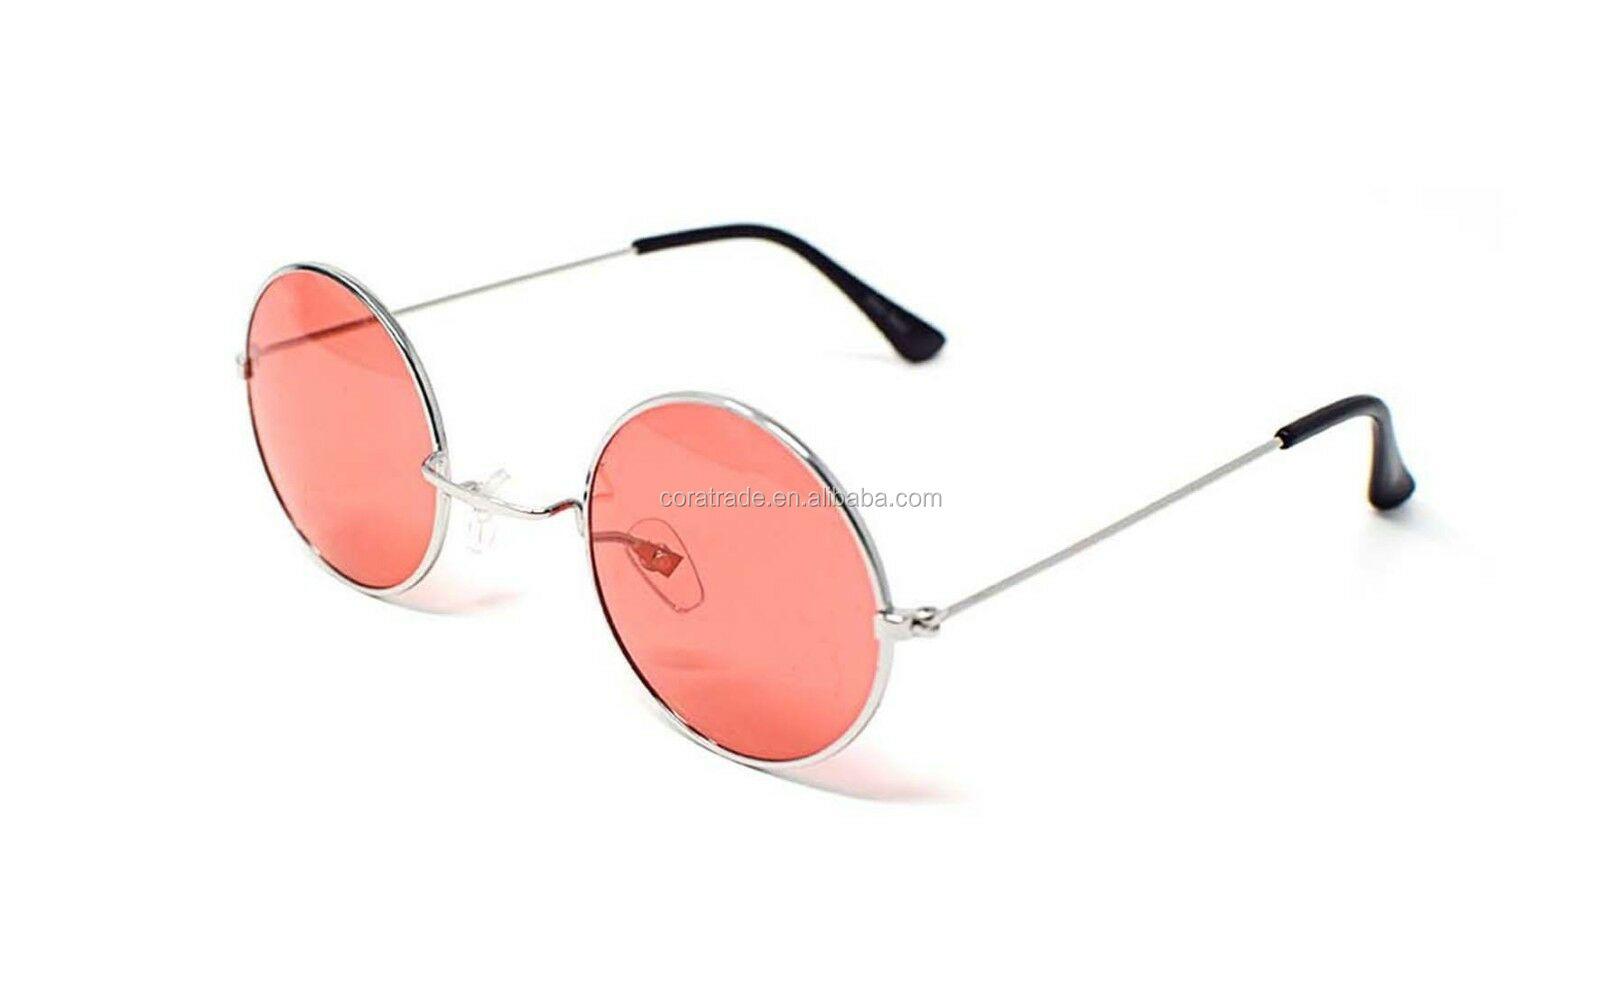 auténtico auténtico tan baratas diseños atractivos Rojo Lente Pequeña John Lennon Estilo Gafas De Sol Redondas De Adultos Para  Hombre Mujer Gafas De Sol - Buy Gafas De Sol,Gafas De Sol Vintage,Gafas De  ...